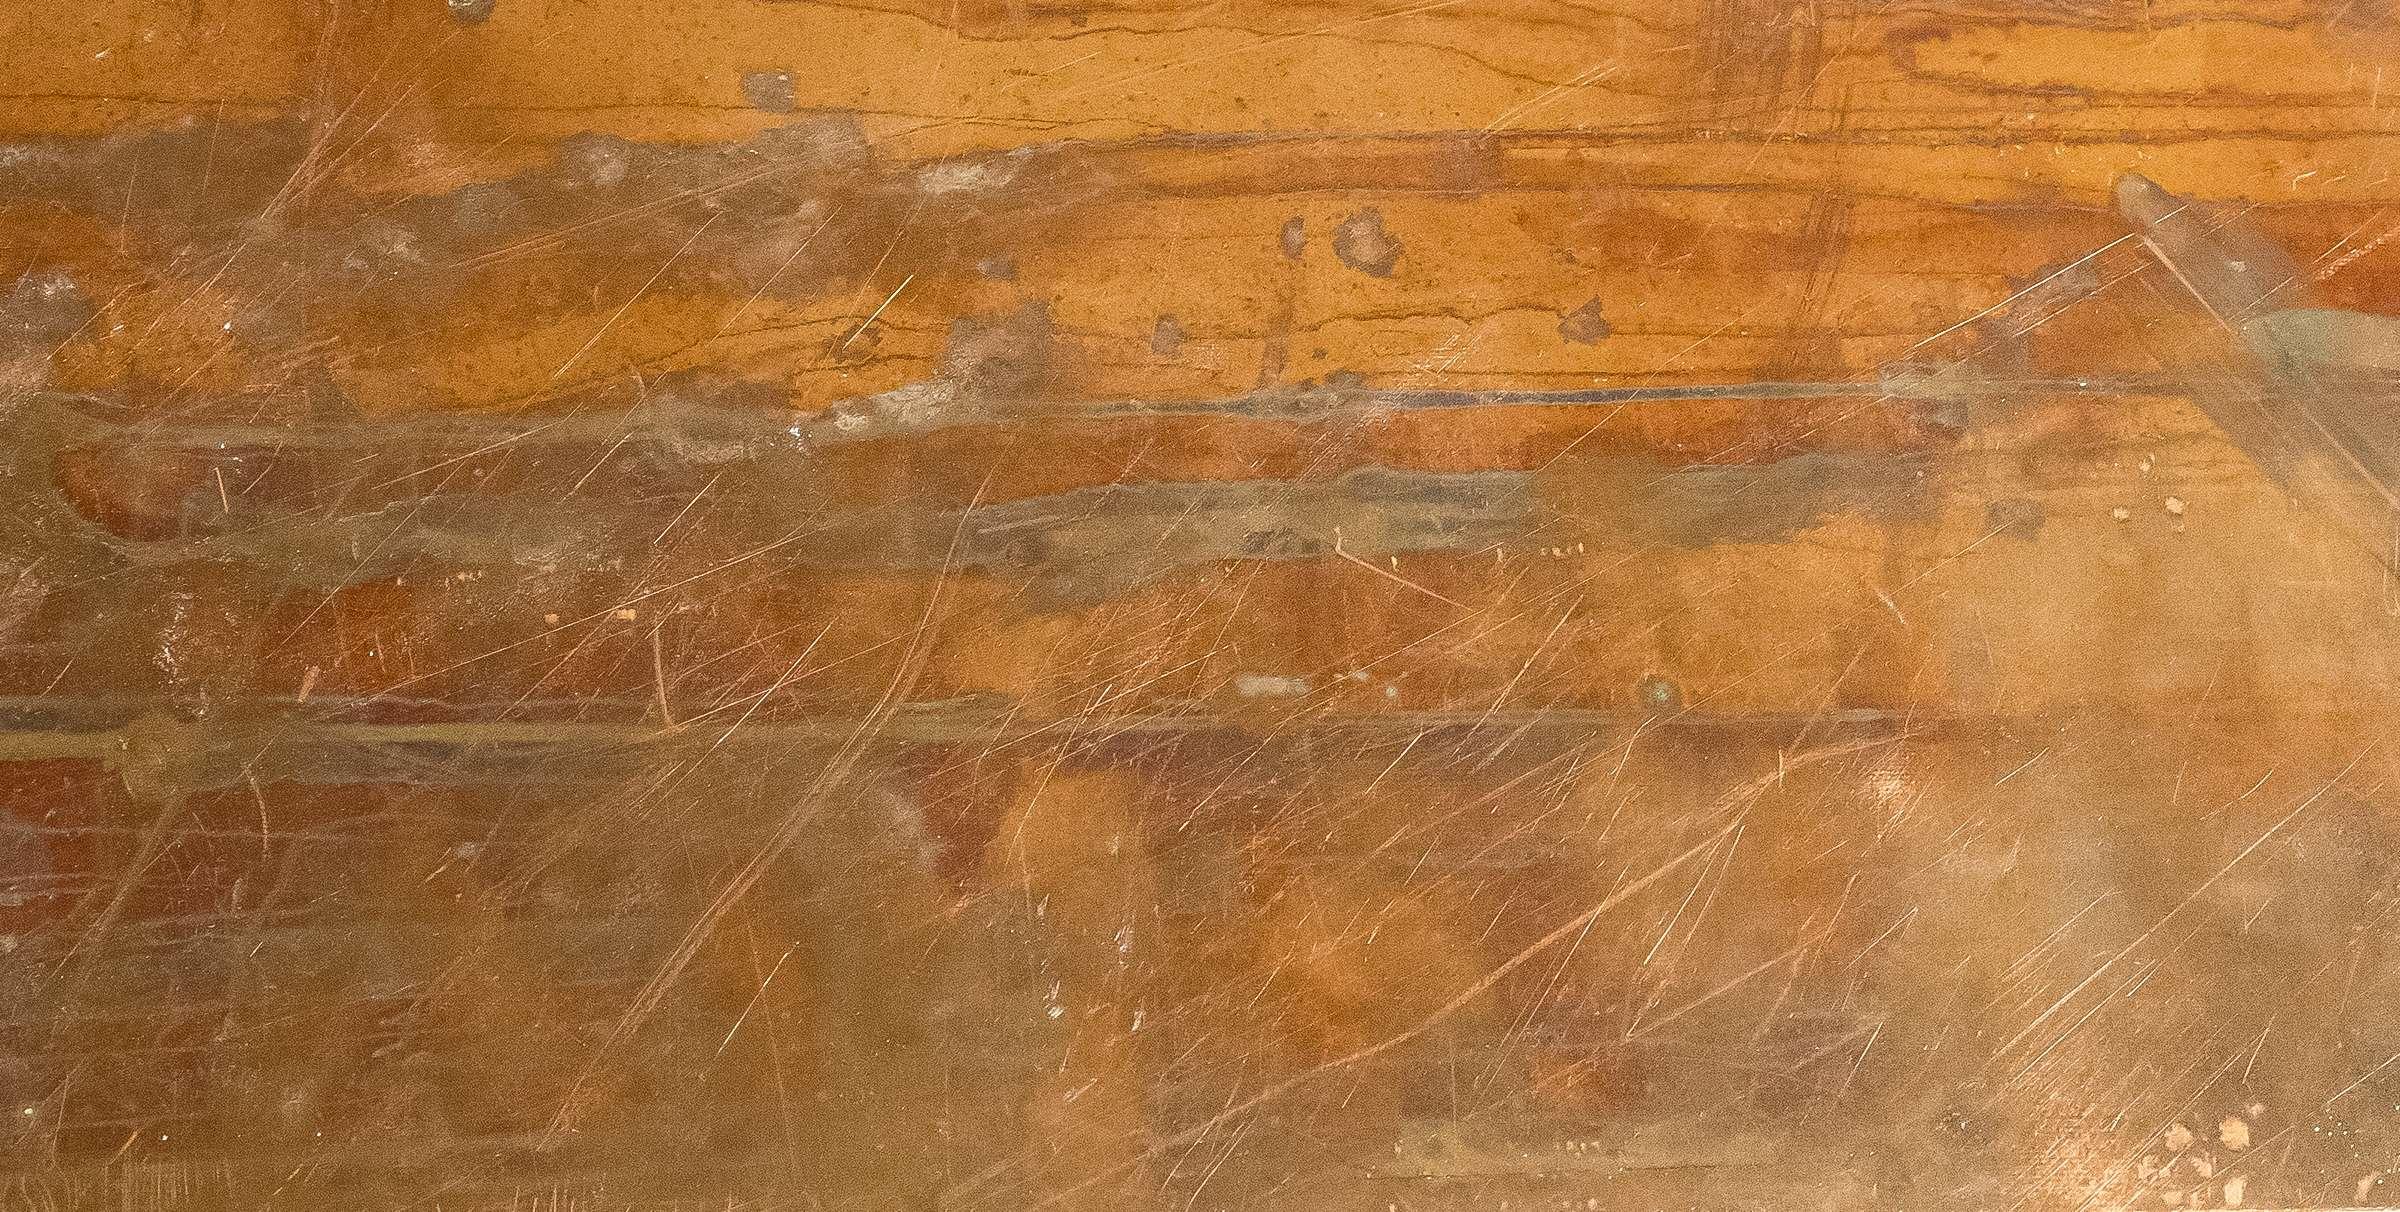 Внешний вид исходного куска стеклотекстолита